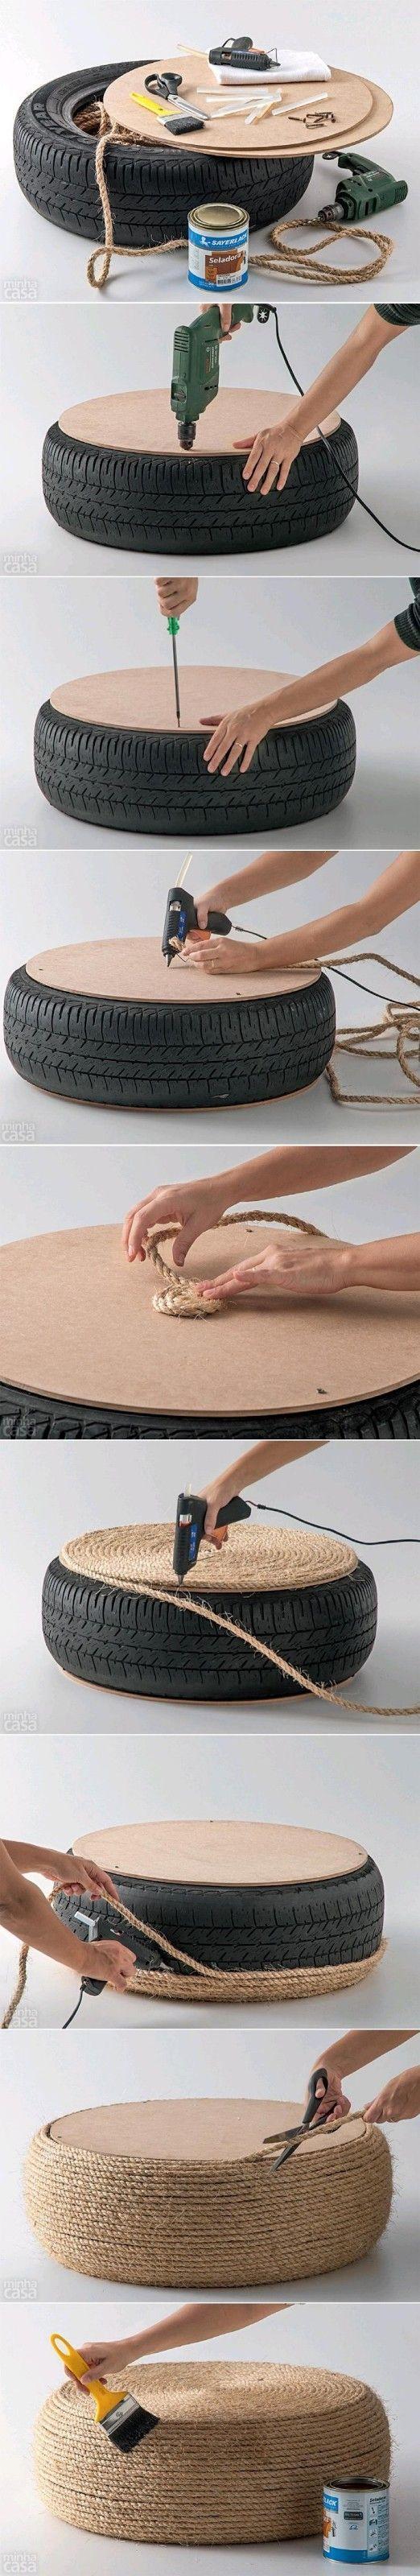 Aus einem alten Reifen wird ein Hocker